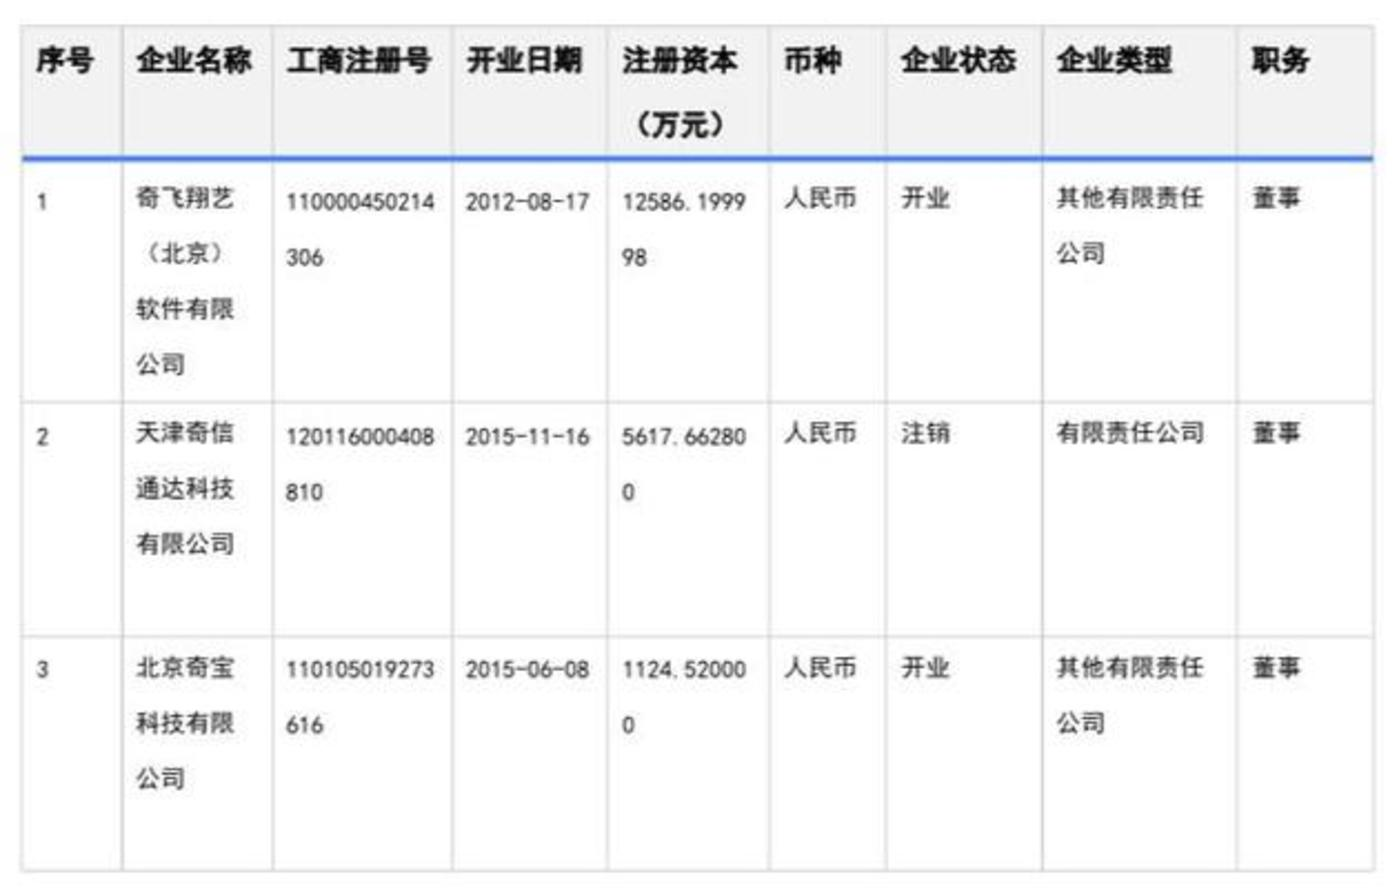 天眼查显示,姚珏在三企业中有董事职务